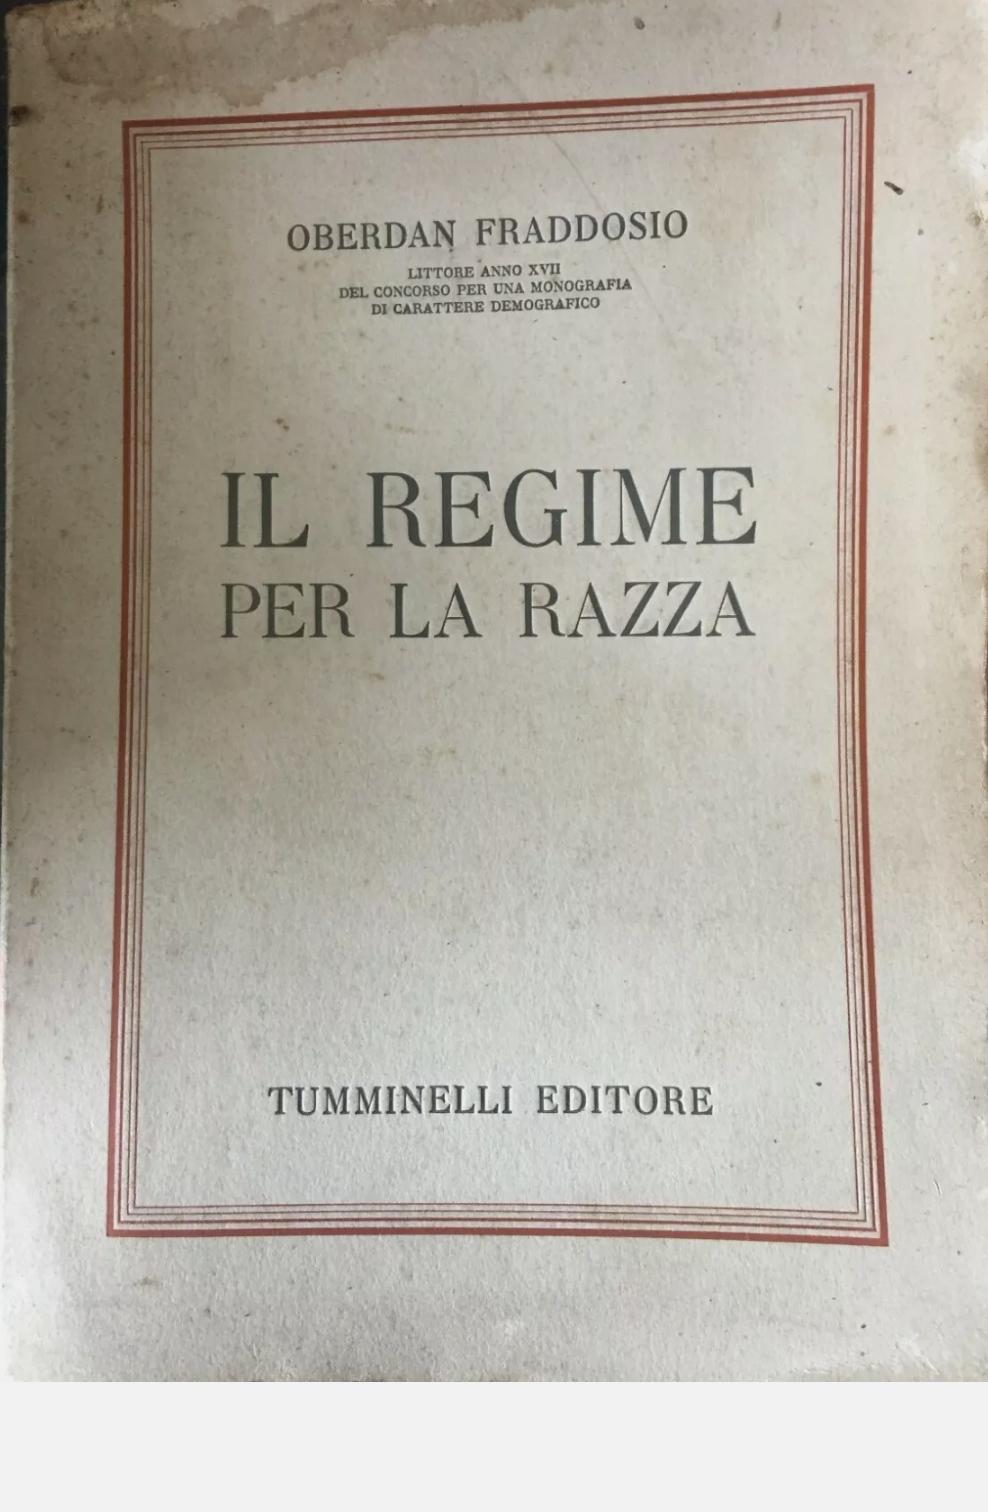 Oberdan Fraddosio IL REGIME PER LA RAZZA Tumminelli editore 1941 RARISSIMO. 45 €